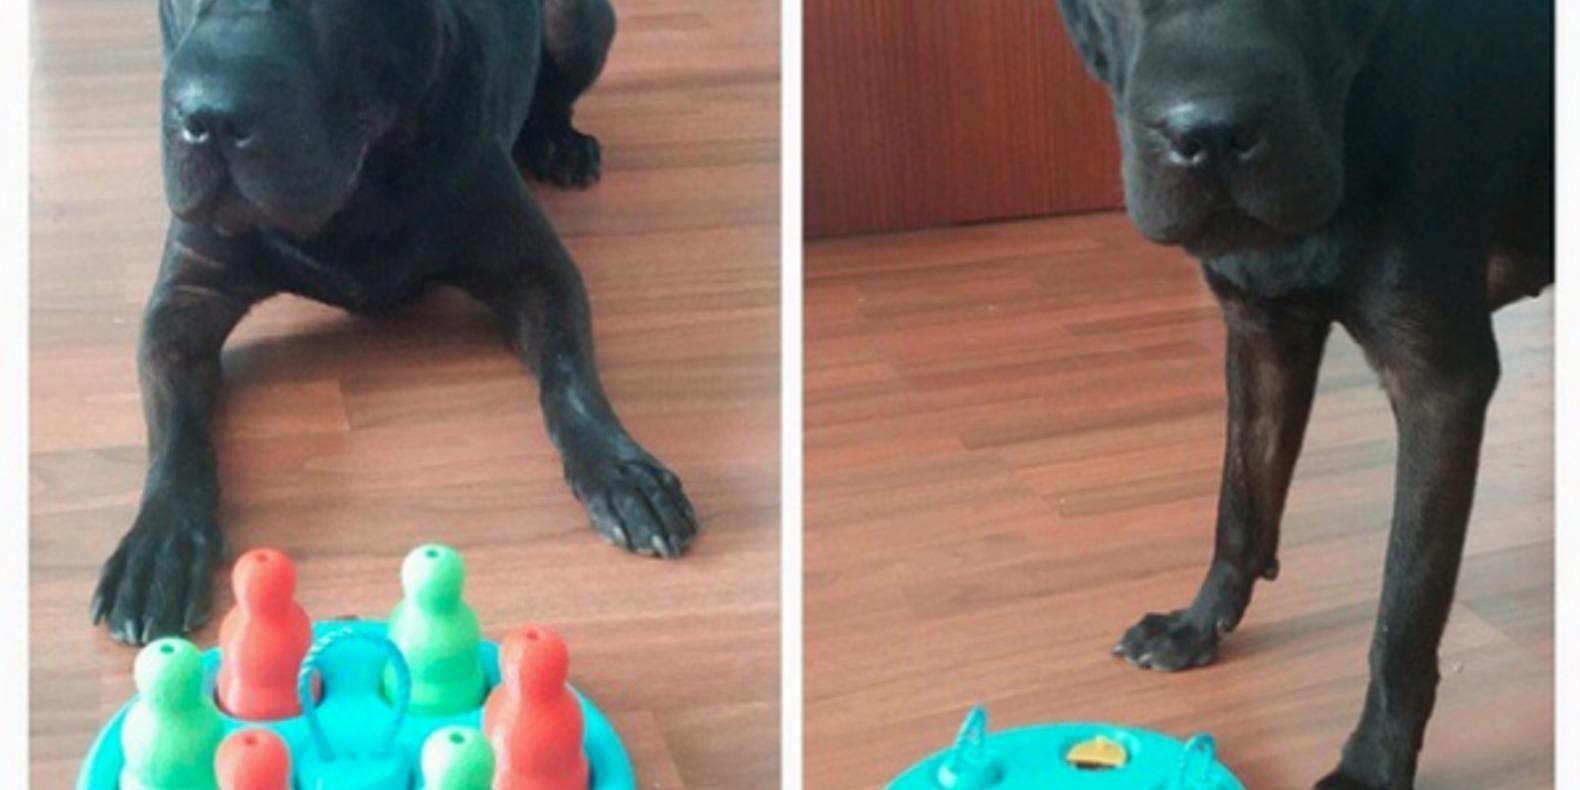 Dogs-game-Empezandodiseno-Cults-3Dprinting-6 jouet pour chiens imprimé en 3D